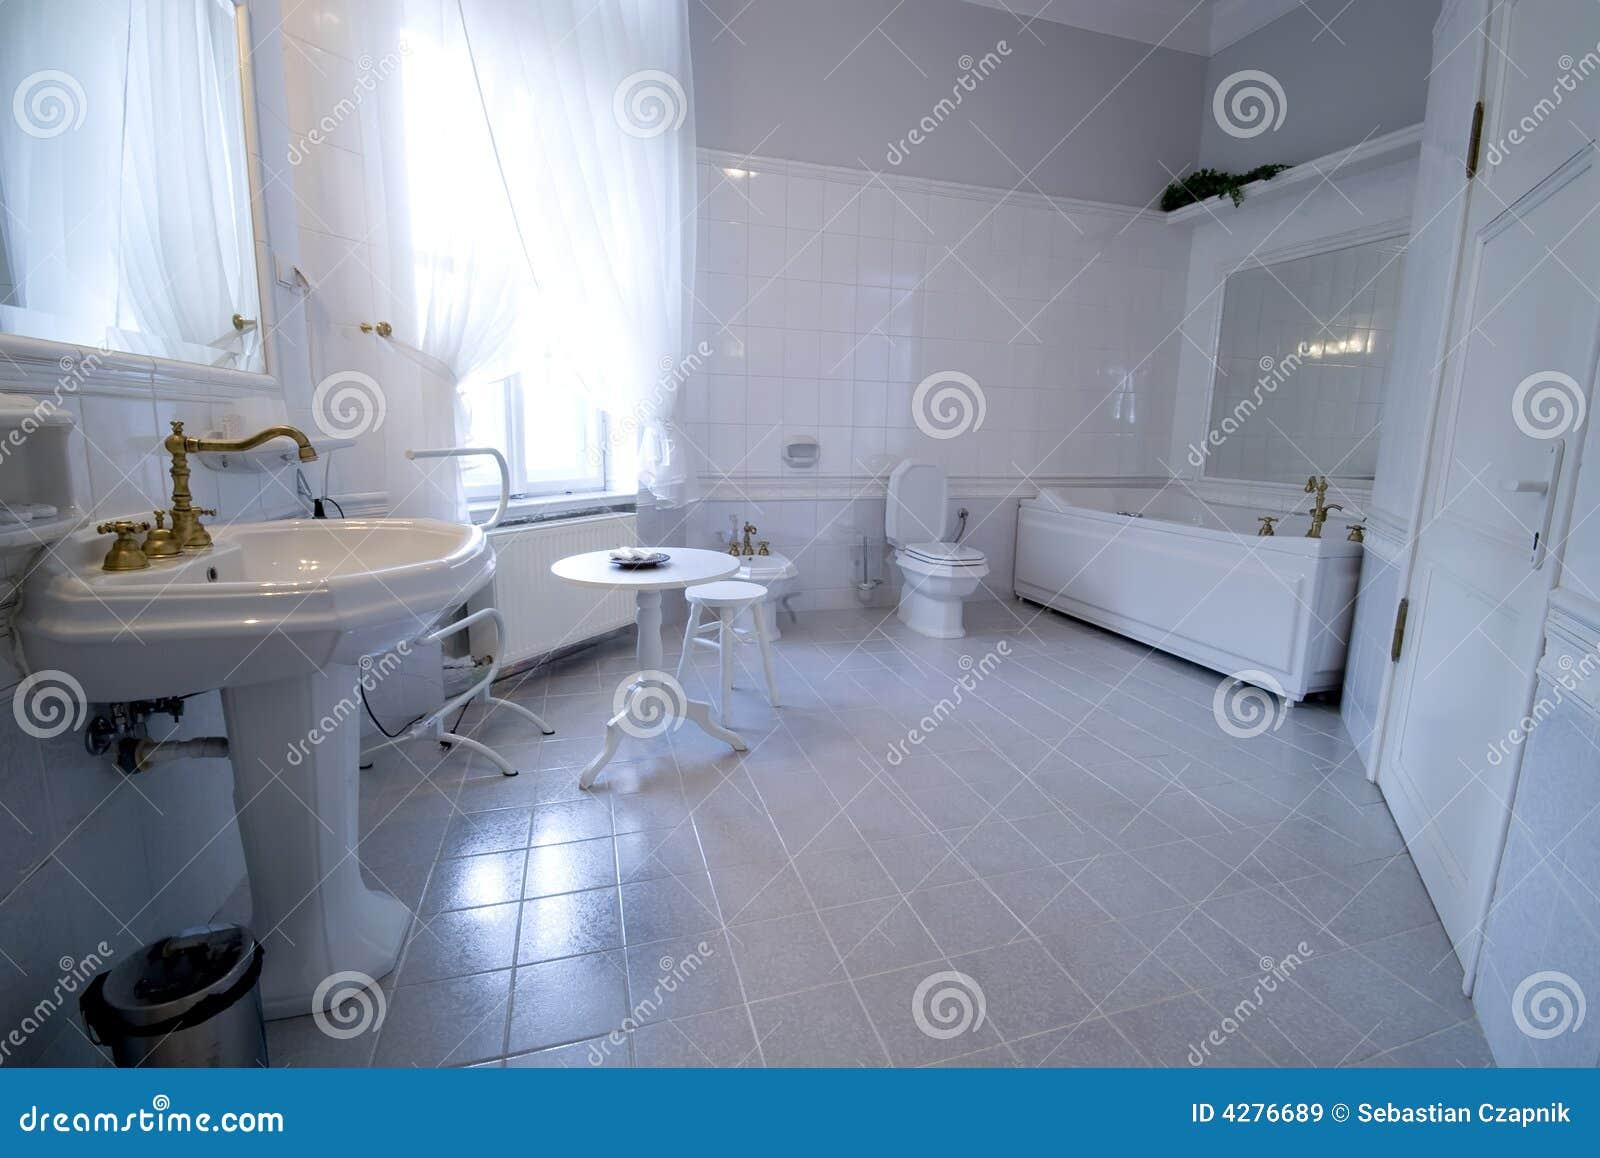 Witte badkamers royalty vrije stock afbeeldingen beeld 4276689 - Witte badkamer ...